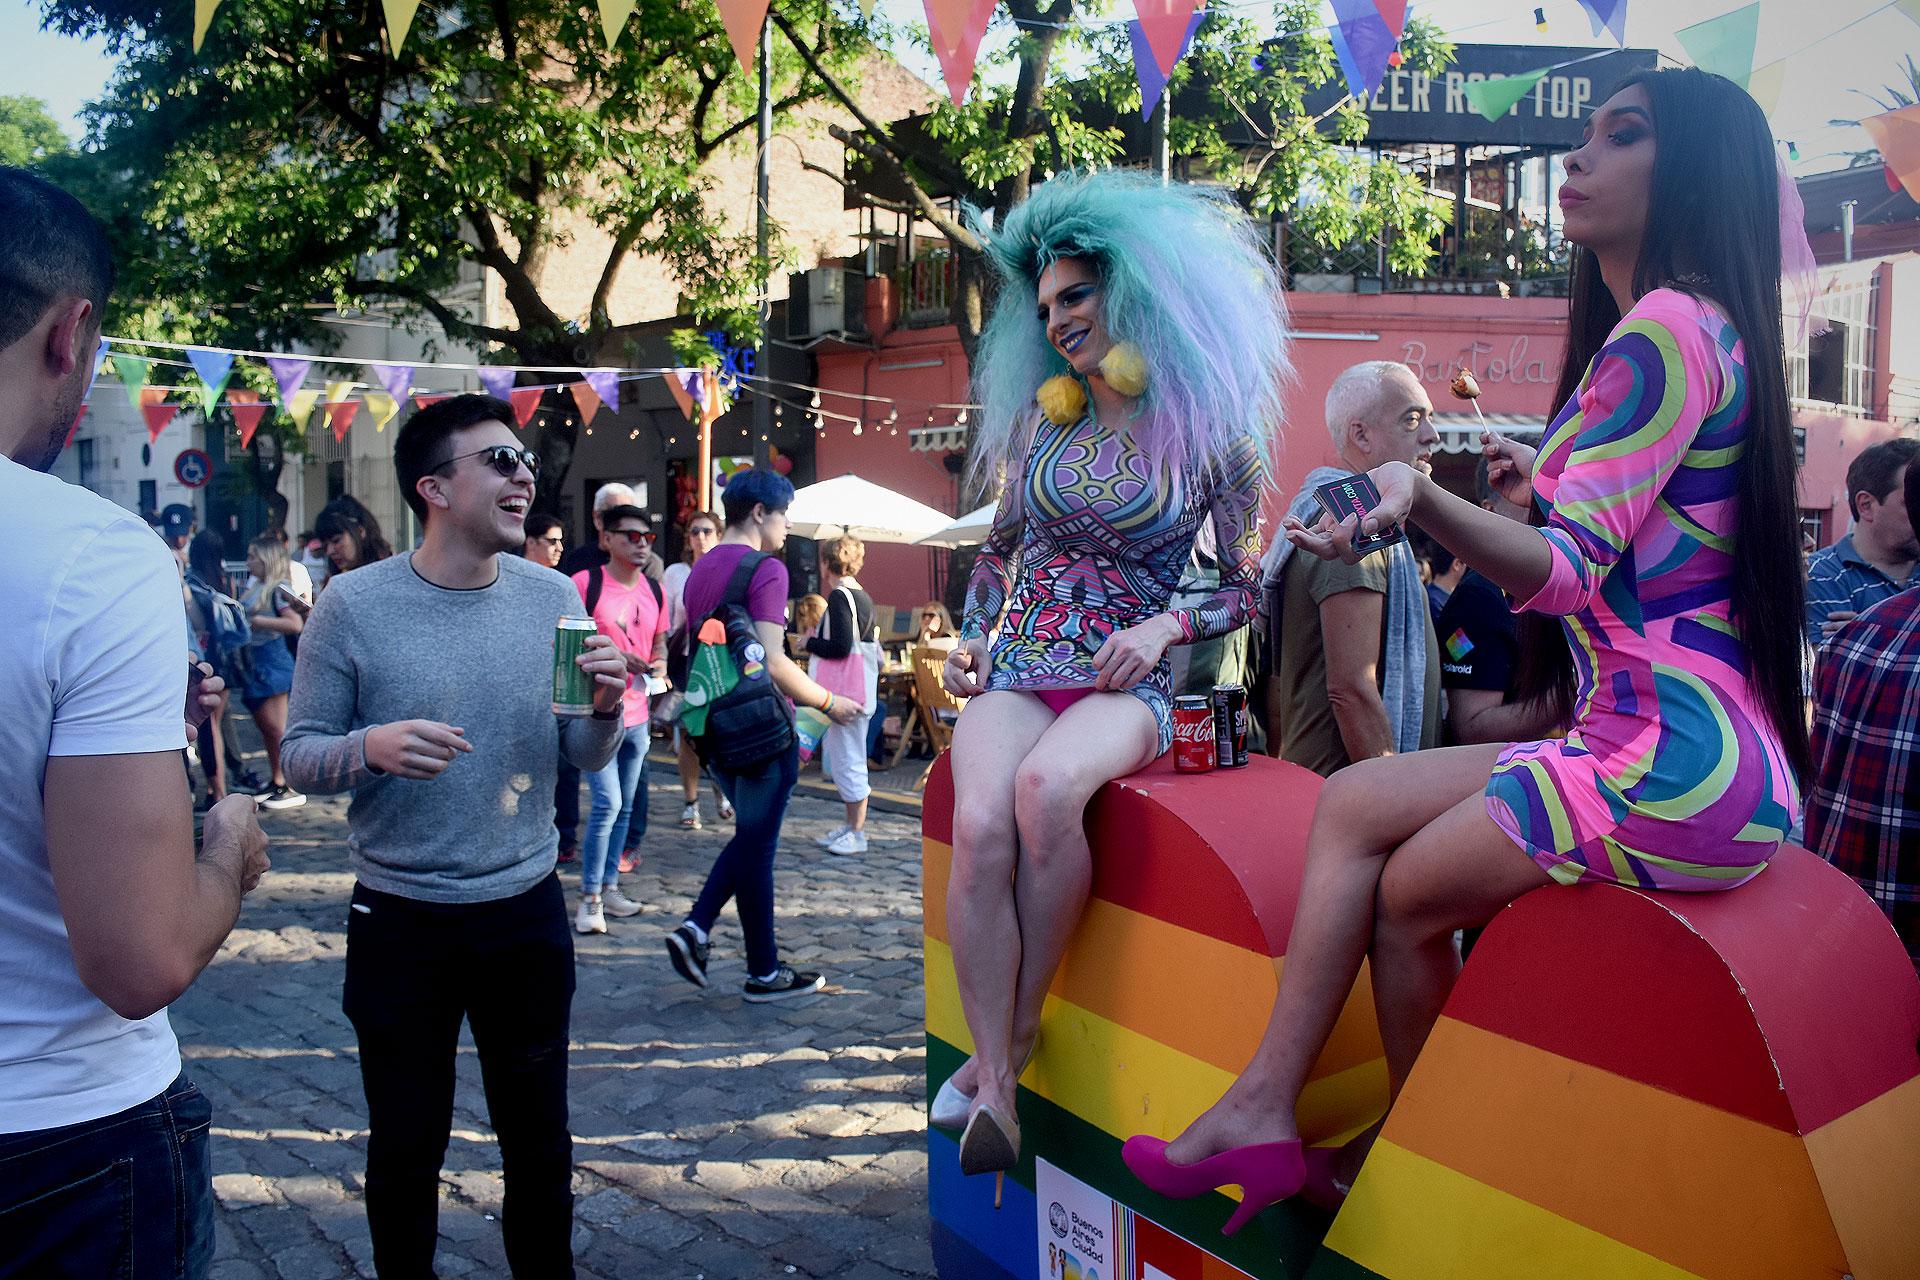 Del evento participaron también unas 20 organizaciones que promueven y difunden los de derechos del colectivo LGBTIQ